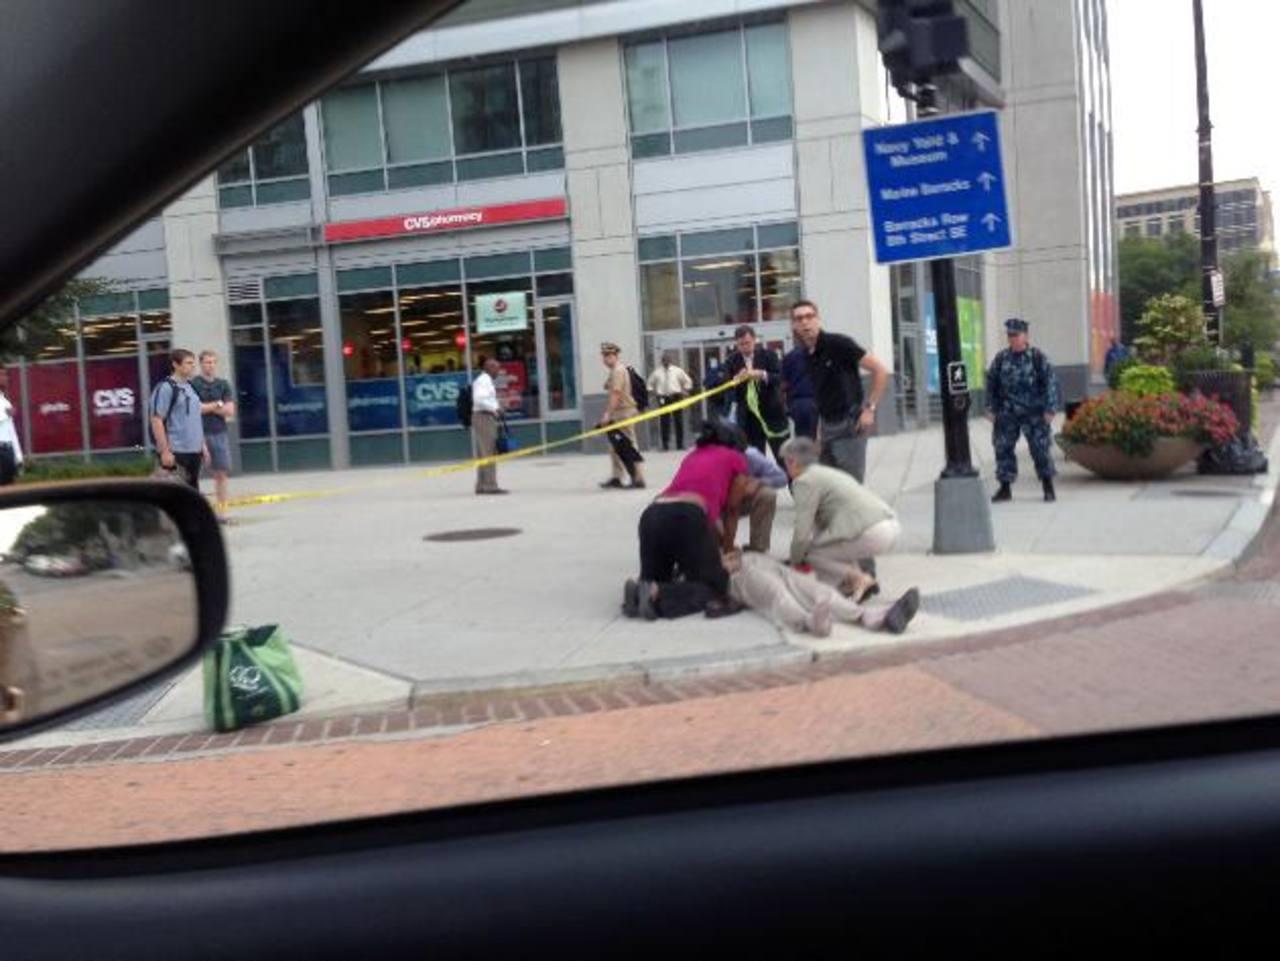 Una persona es atendida cerca de la zona donde un pistolero mató a unas 12 personas. foto edh / ap